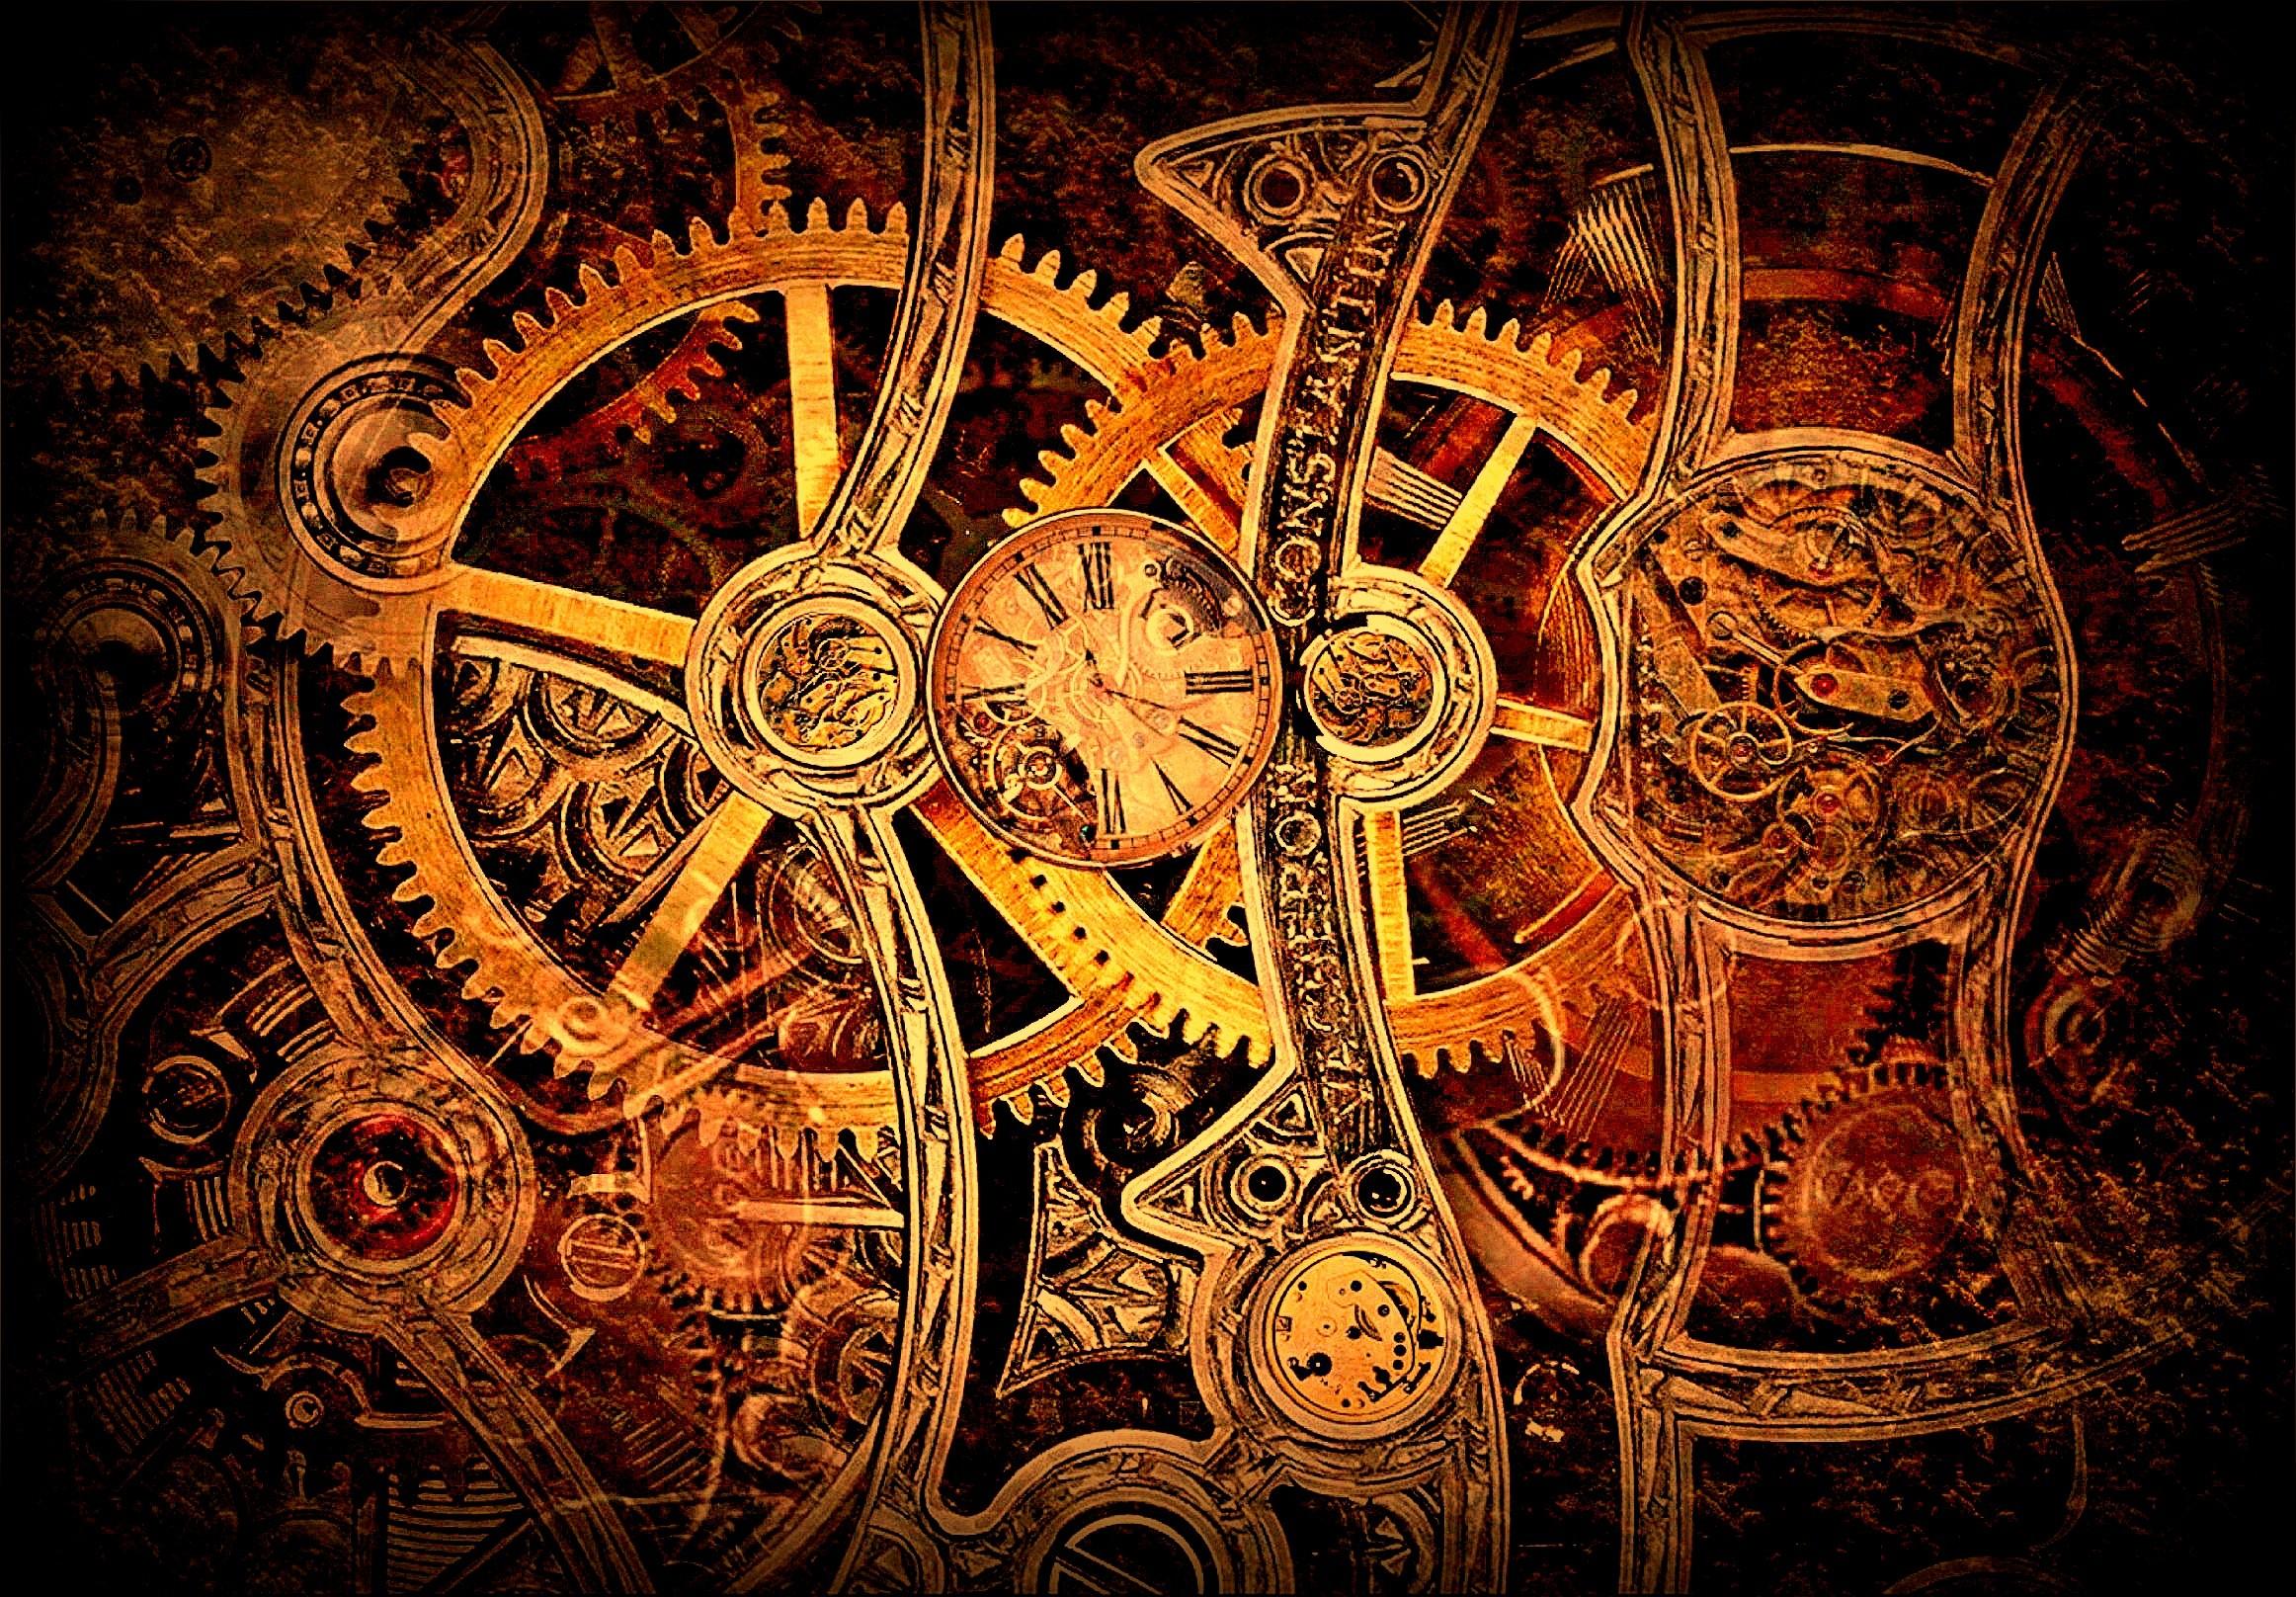 Clockwork Gears Drawing Steampunk Gears Clockwork